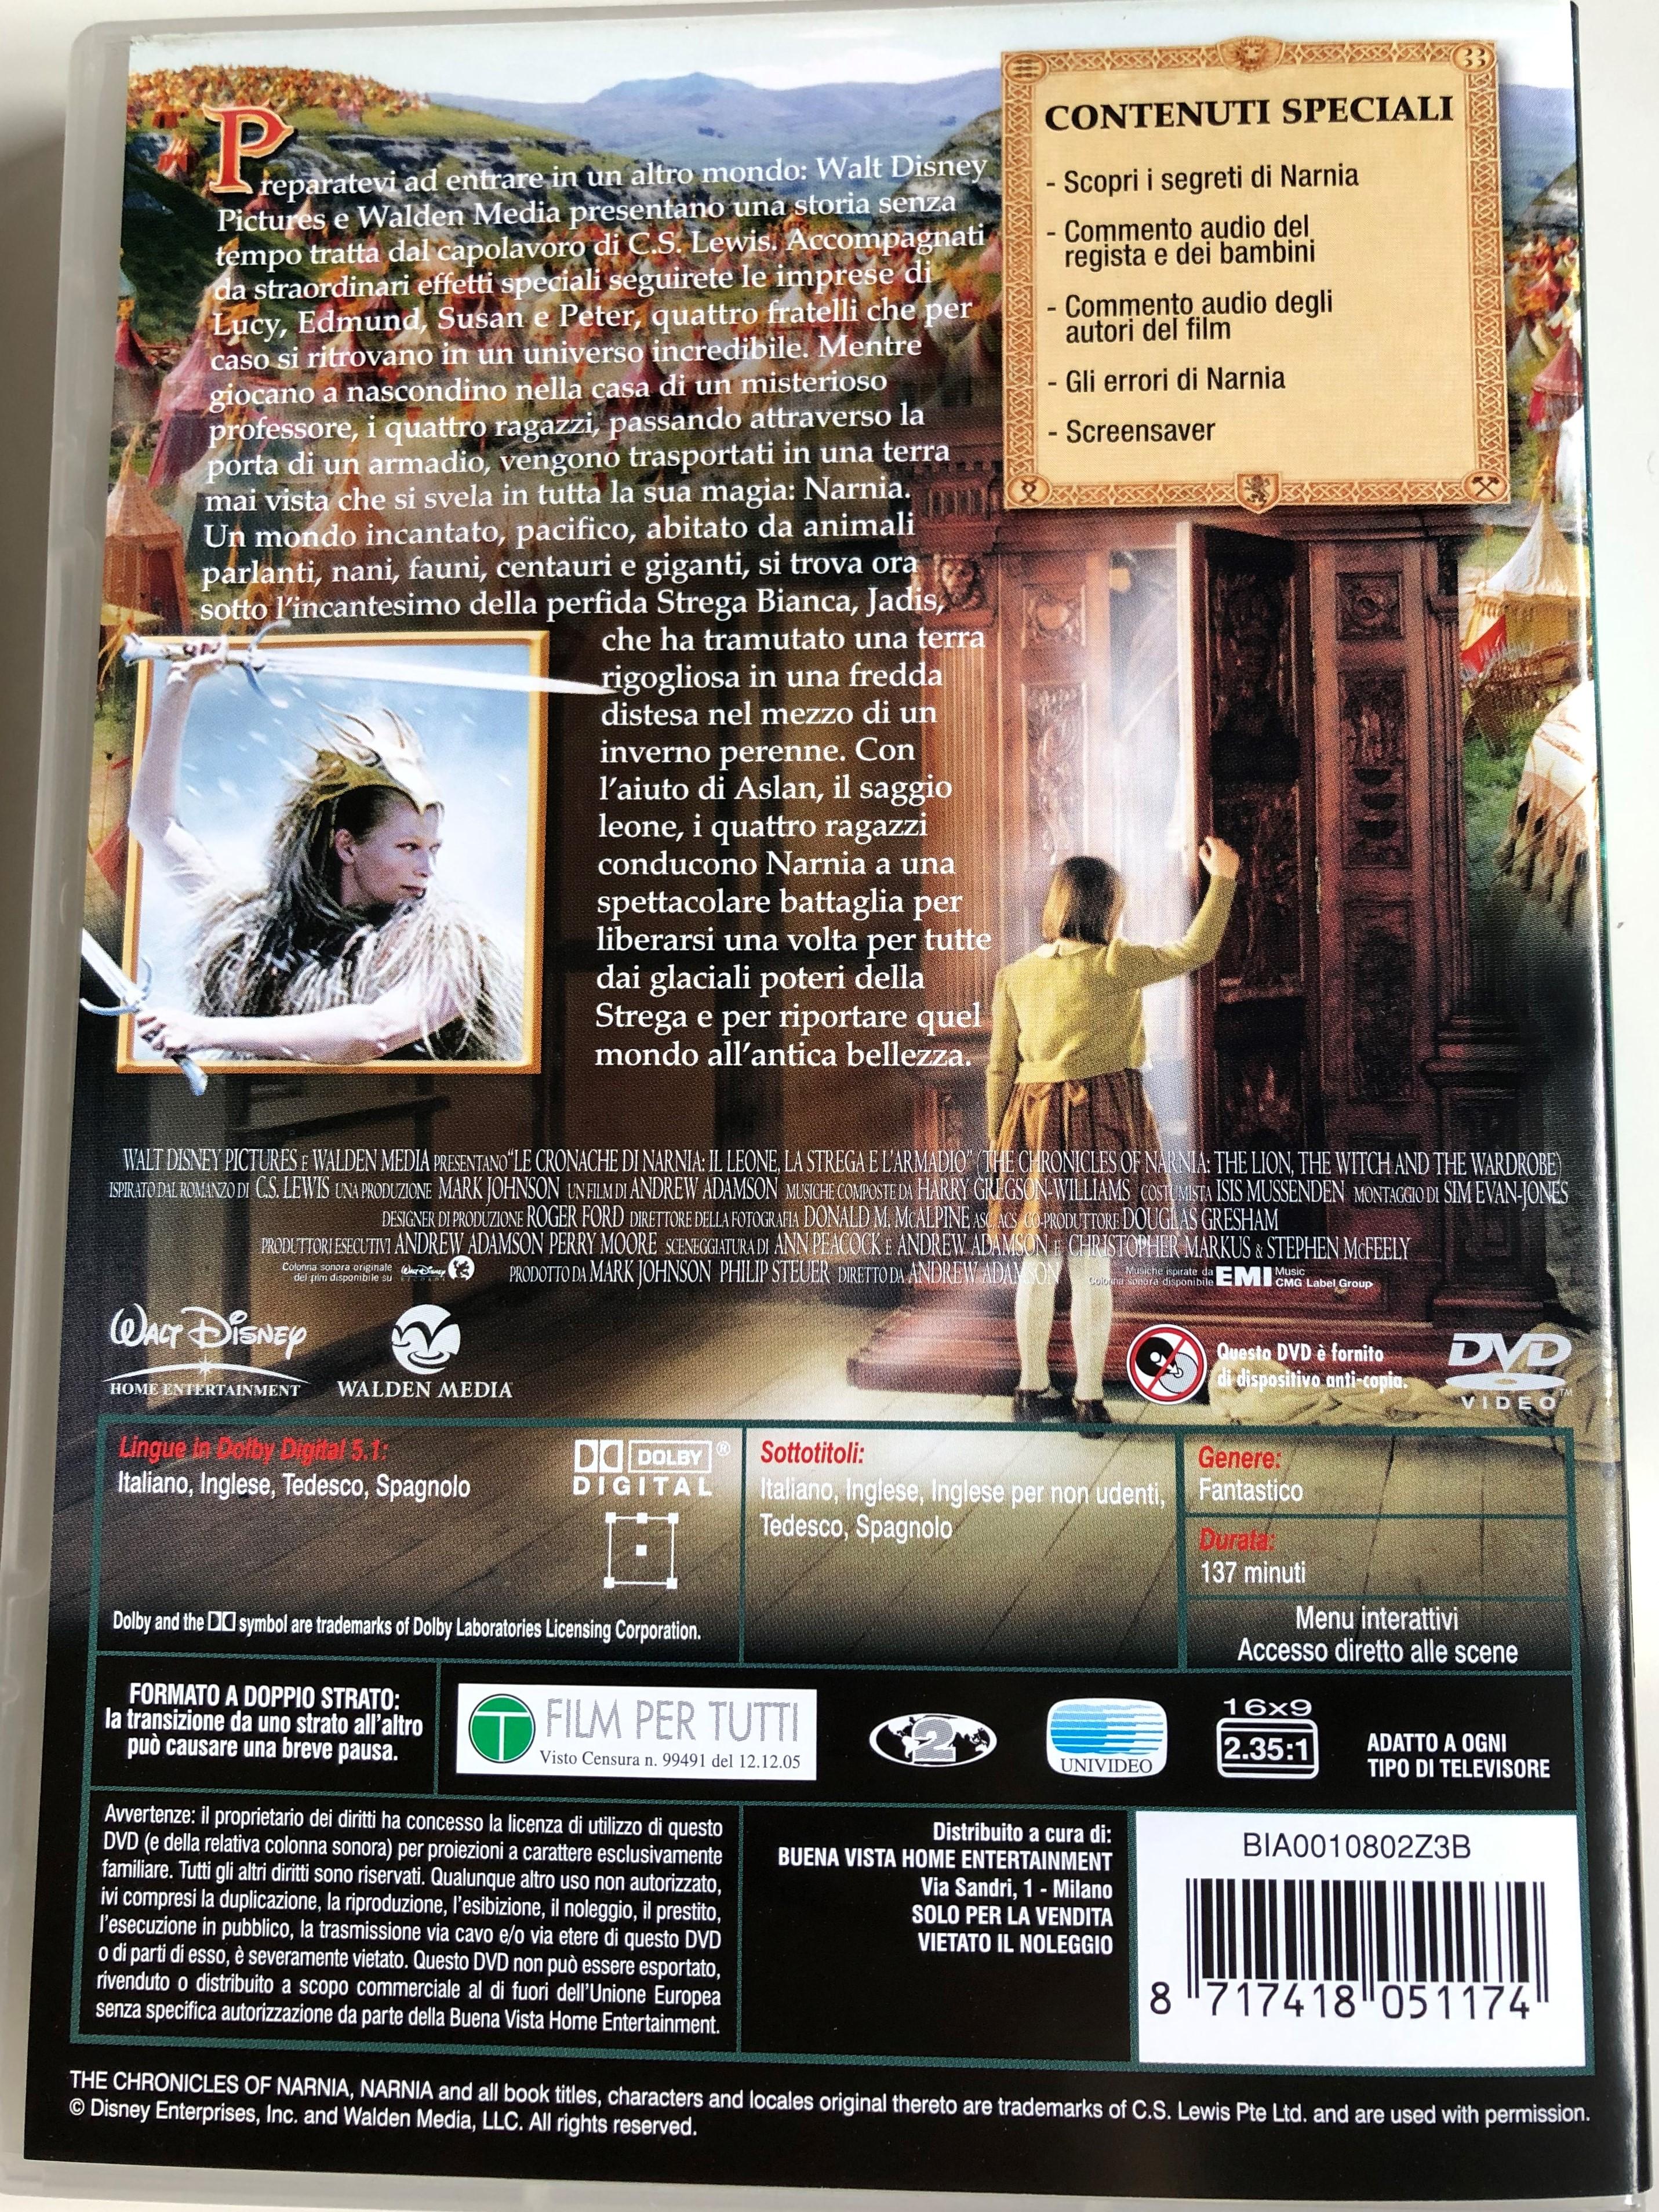 the-chronicles-of-narnia-the-lion-the-witch-and-the-wardrobe-dvd-2005-le-cronache-di-narnia-il-leone-la-strega-e-l-armadio-2.jpg